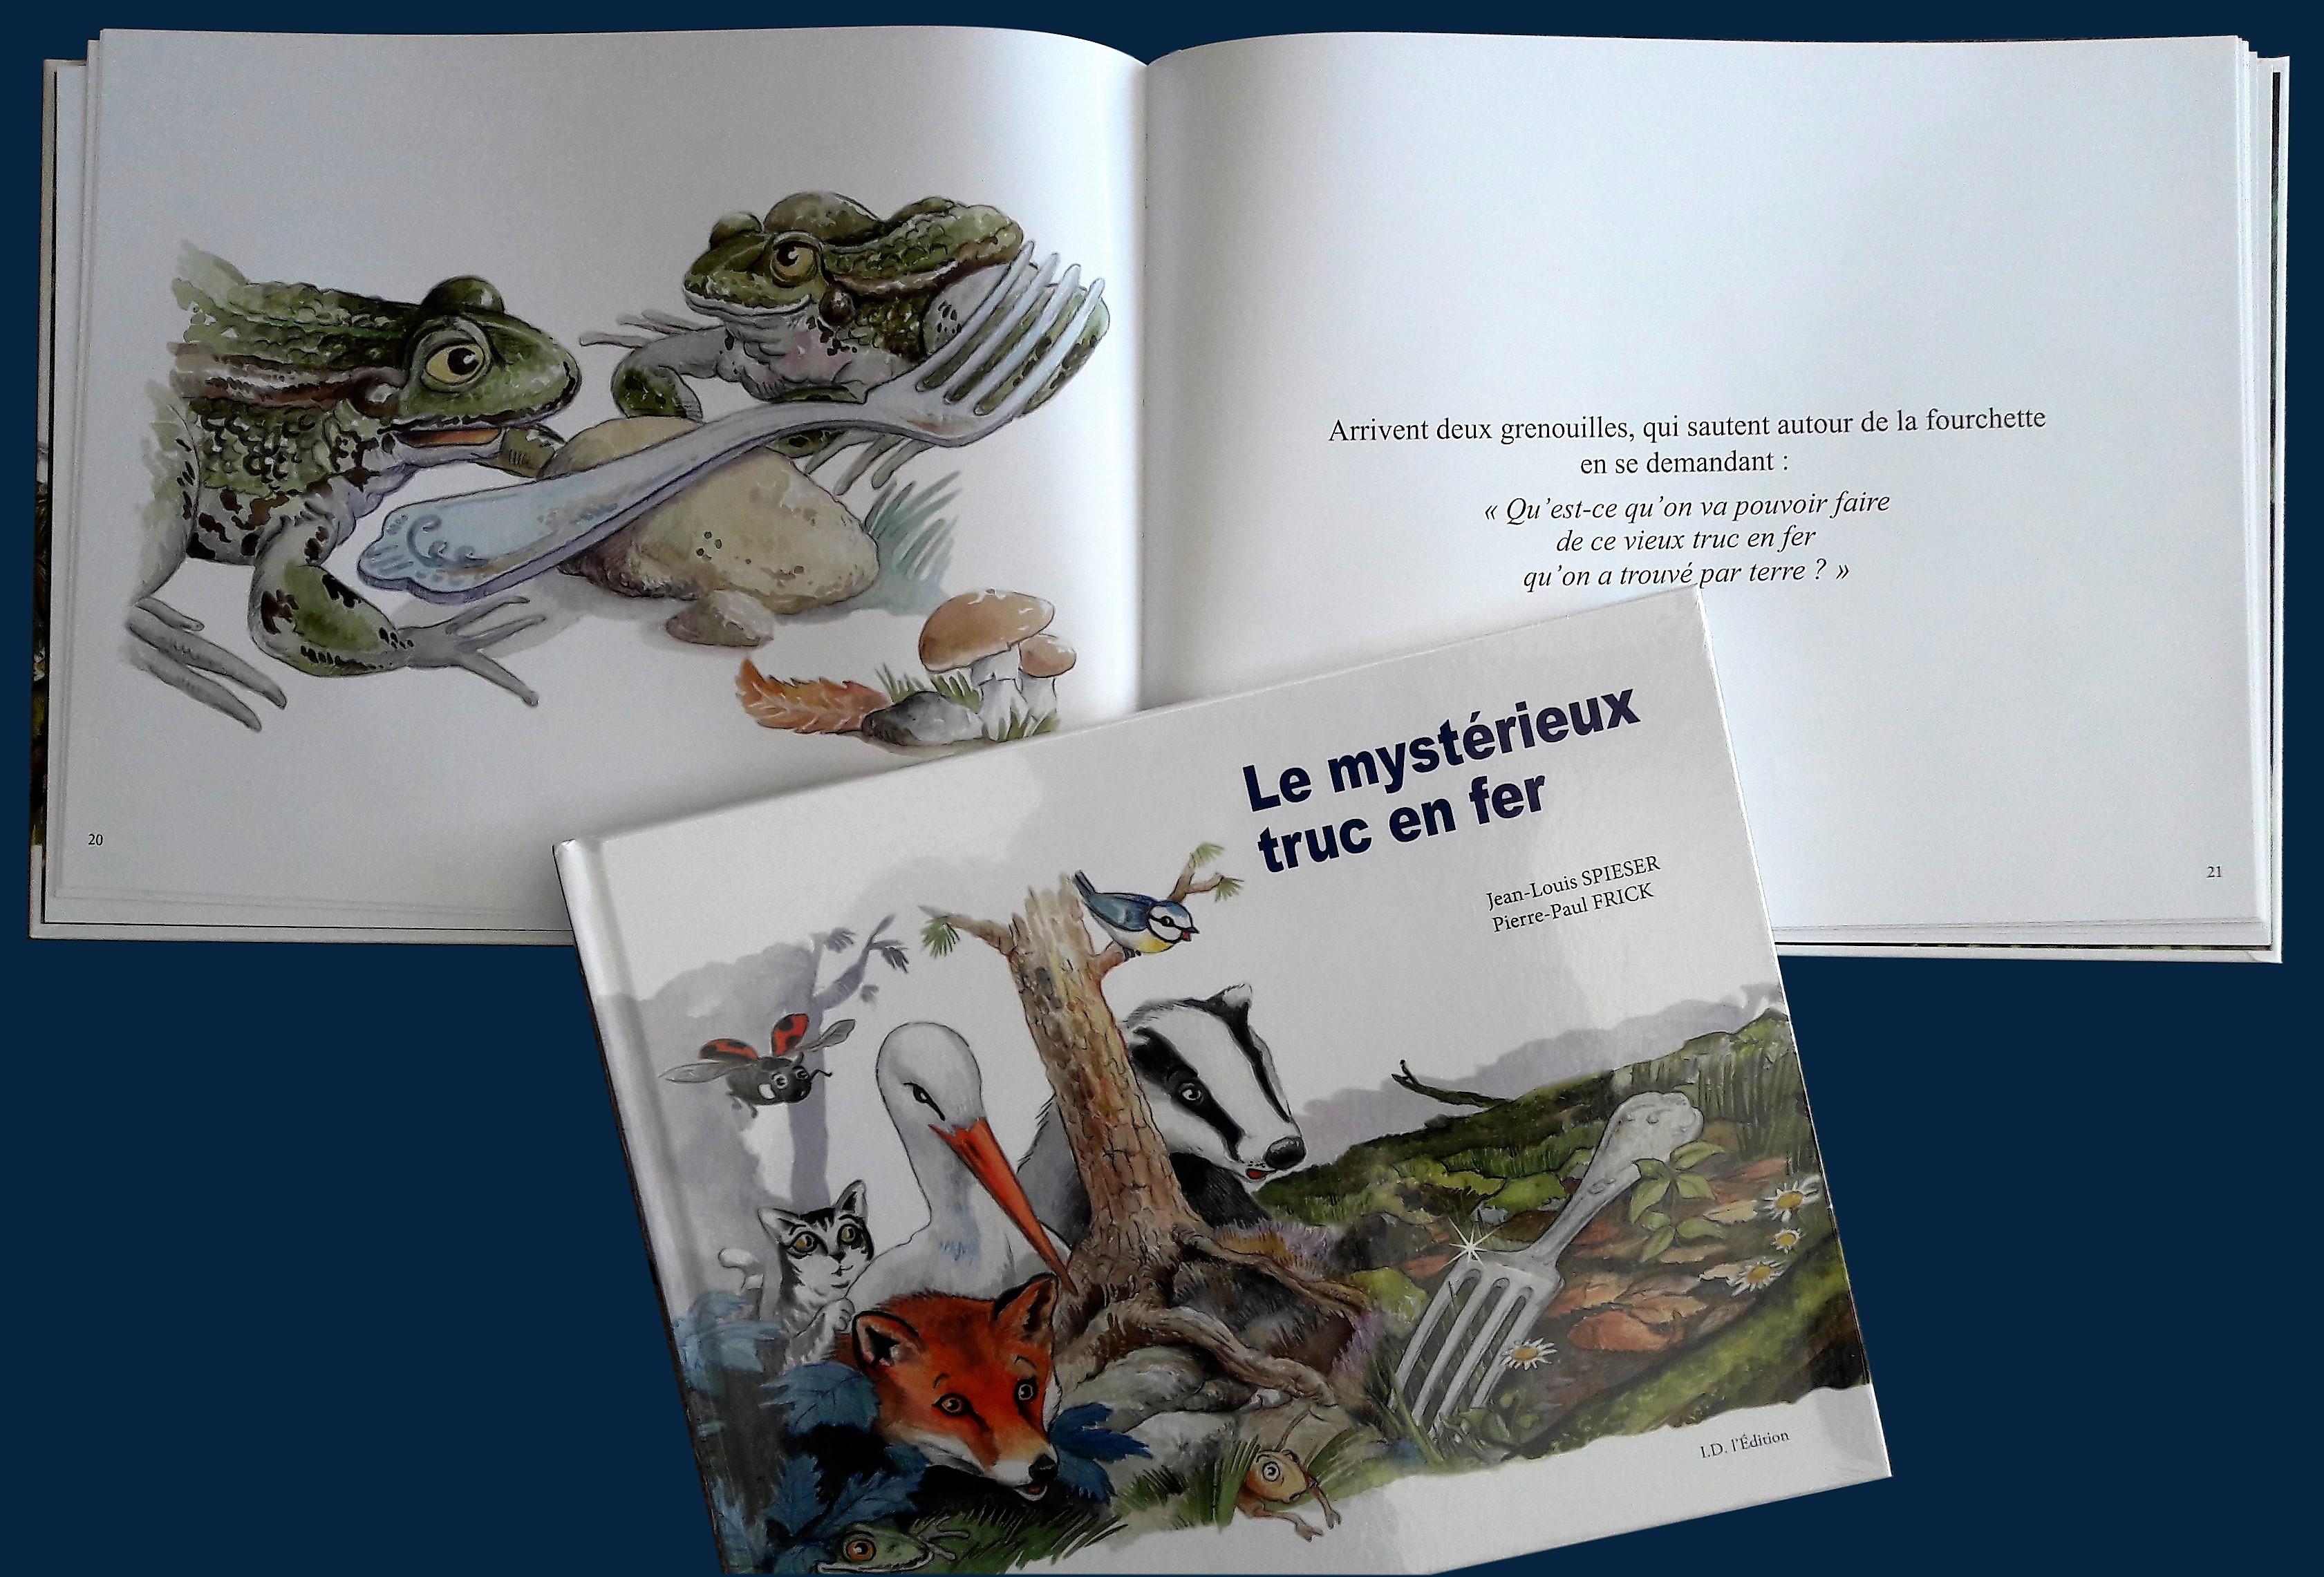 couverture du livre et livre ouvert